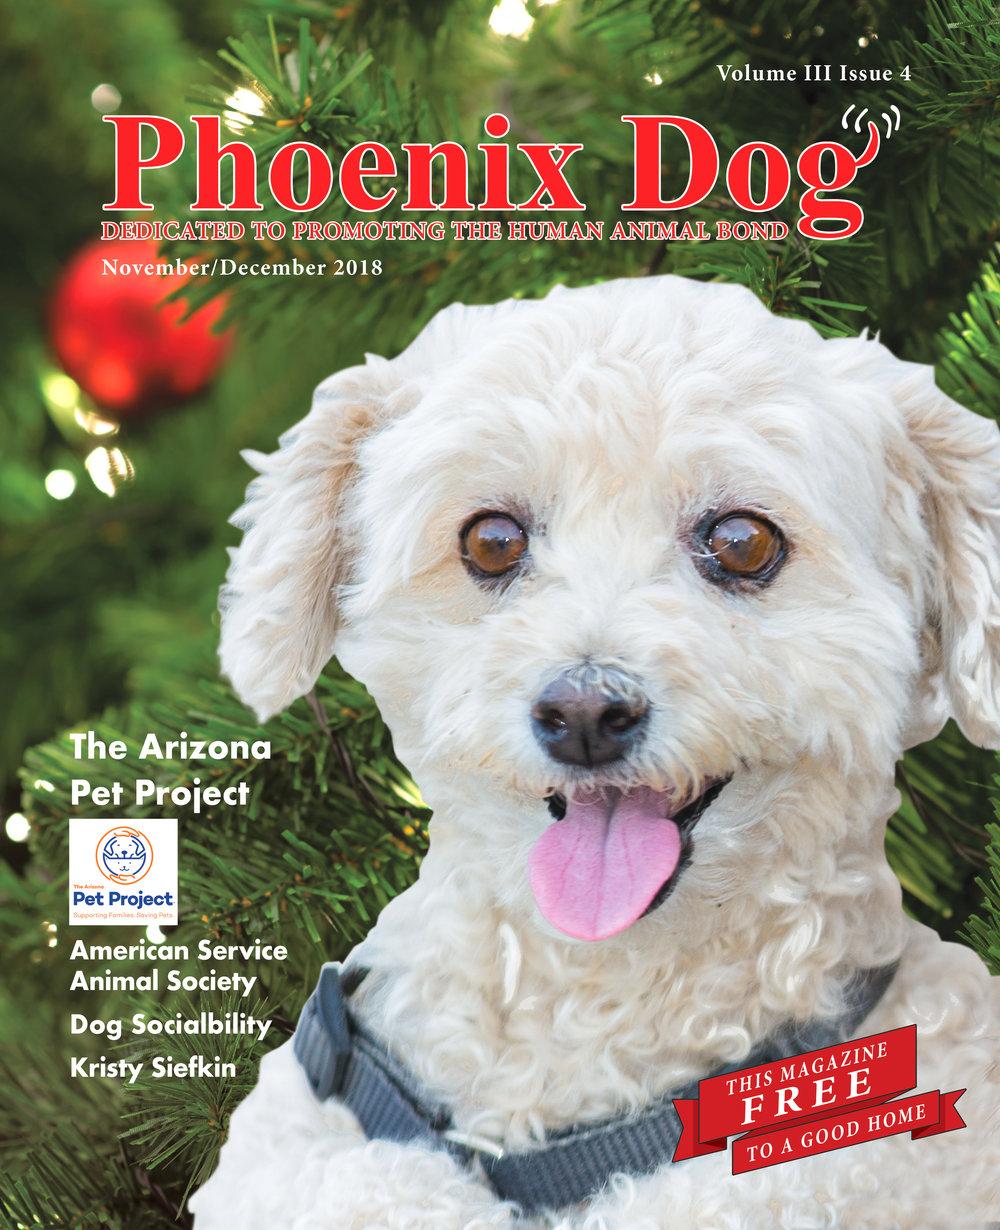 Phx Dog Nov Dec 2018 cover.jpg